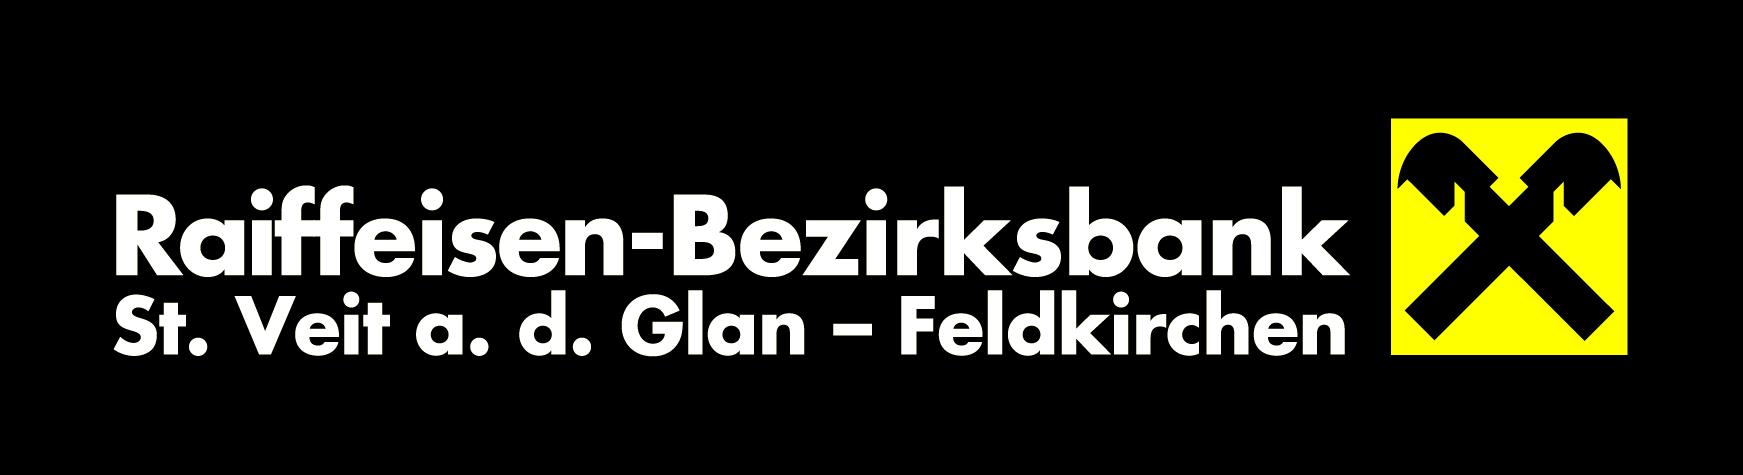 RBB St. Veit Feldkirchen